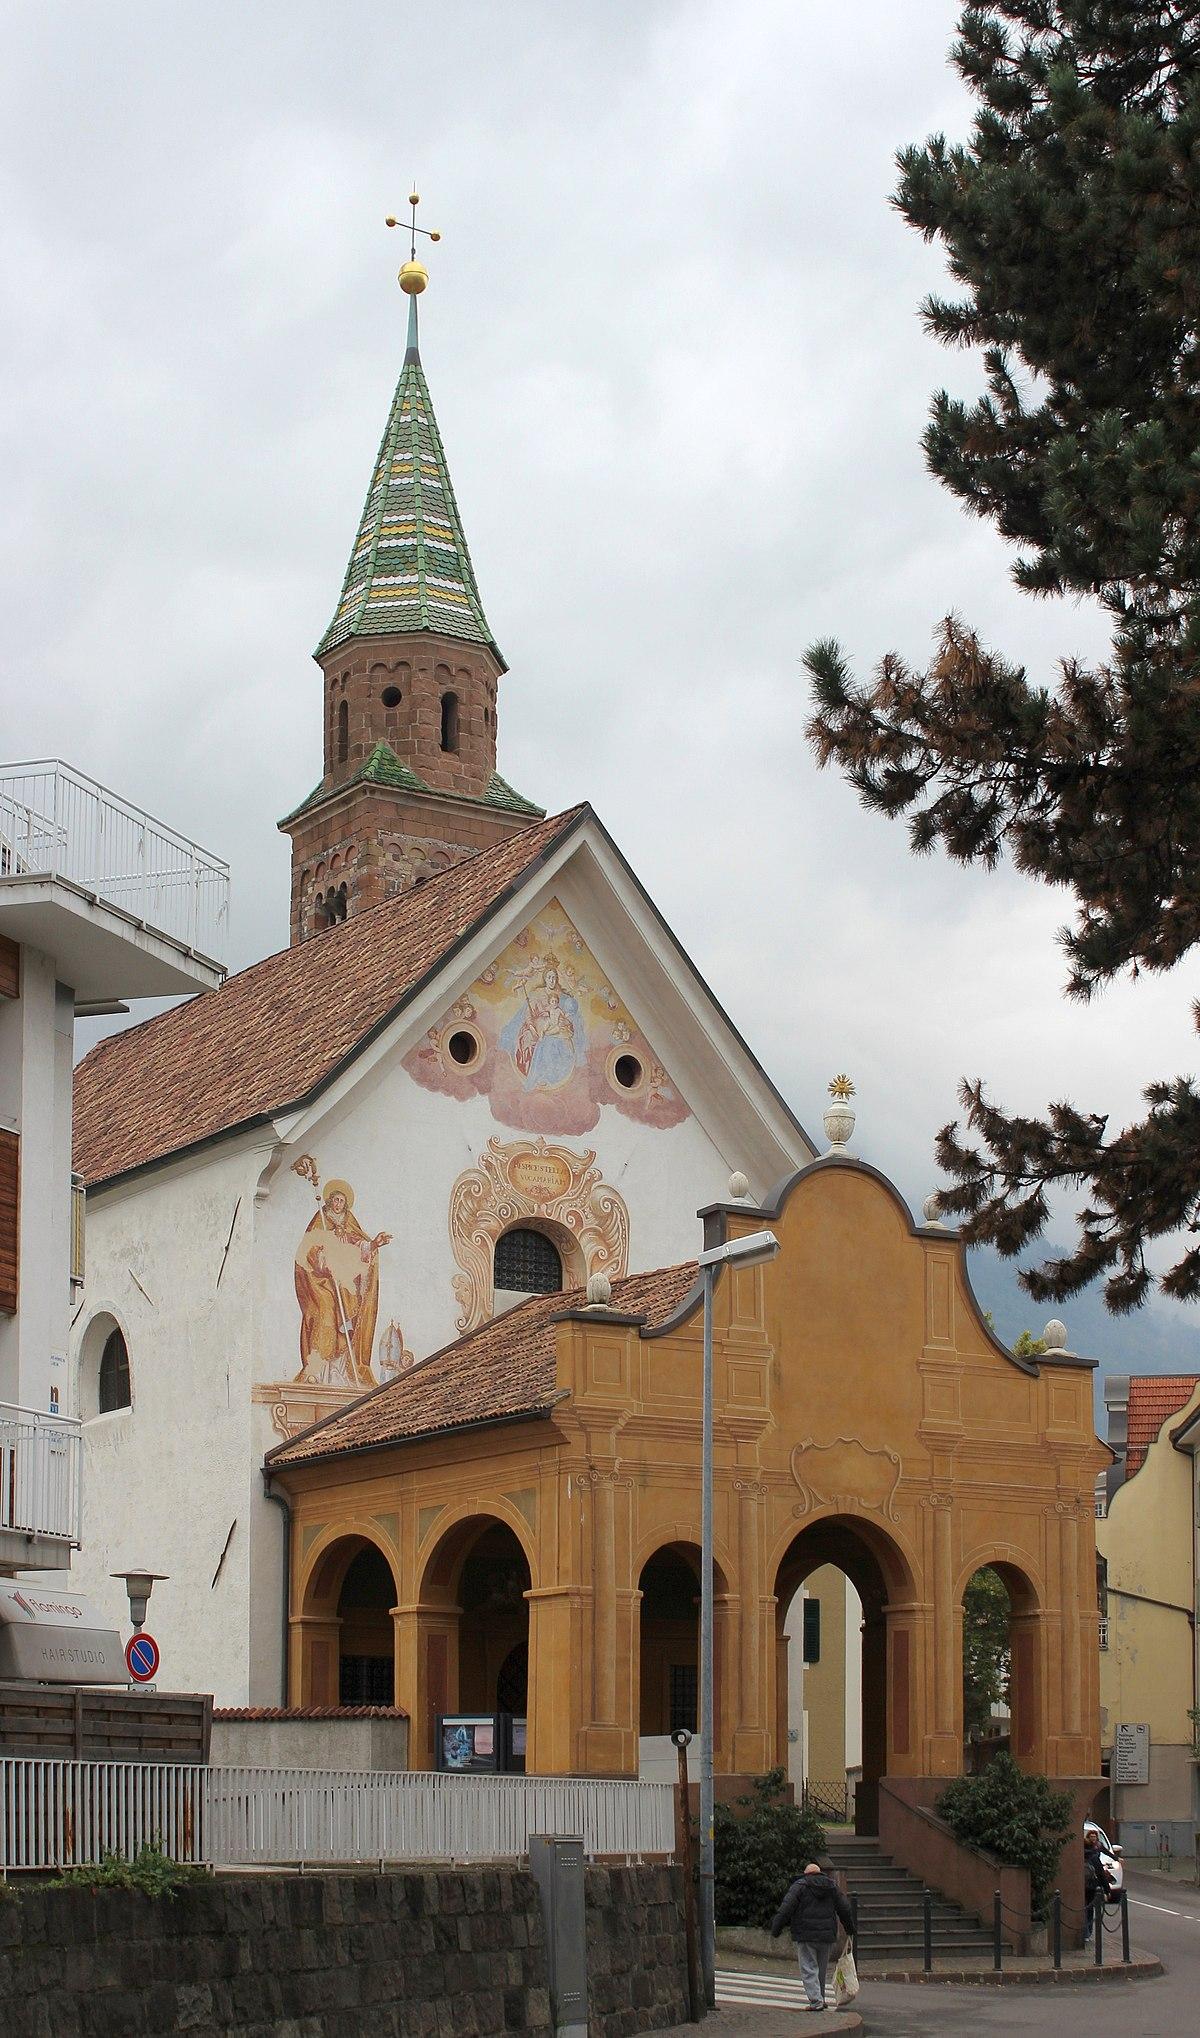 Chiesa di santa maria del conforto merano wikipedia for Quando si festeggia santa ilaria